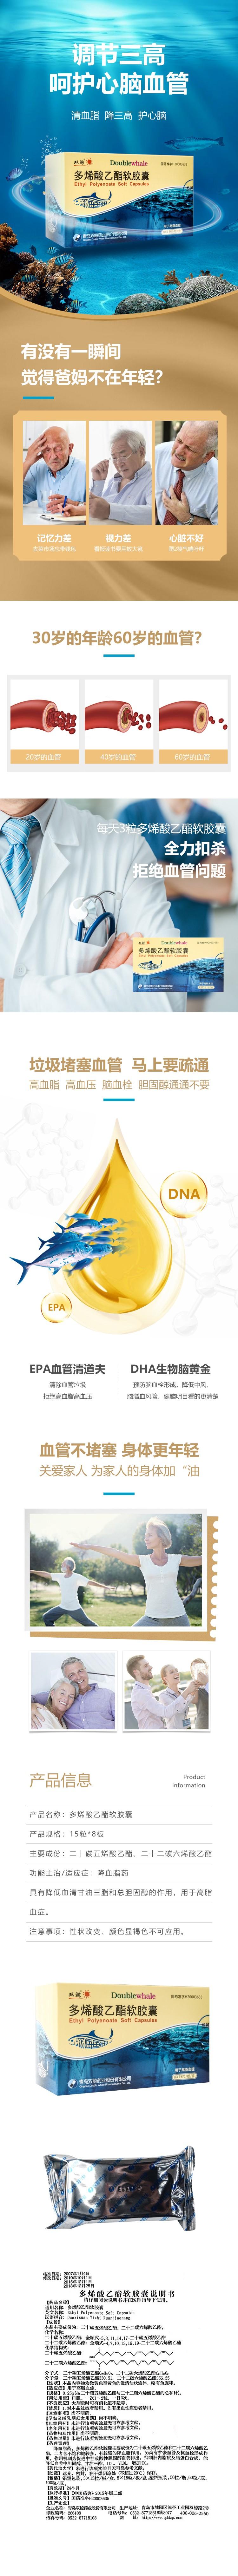 多烯酸乙酯软胶囊.jpg